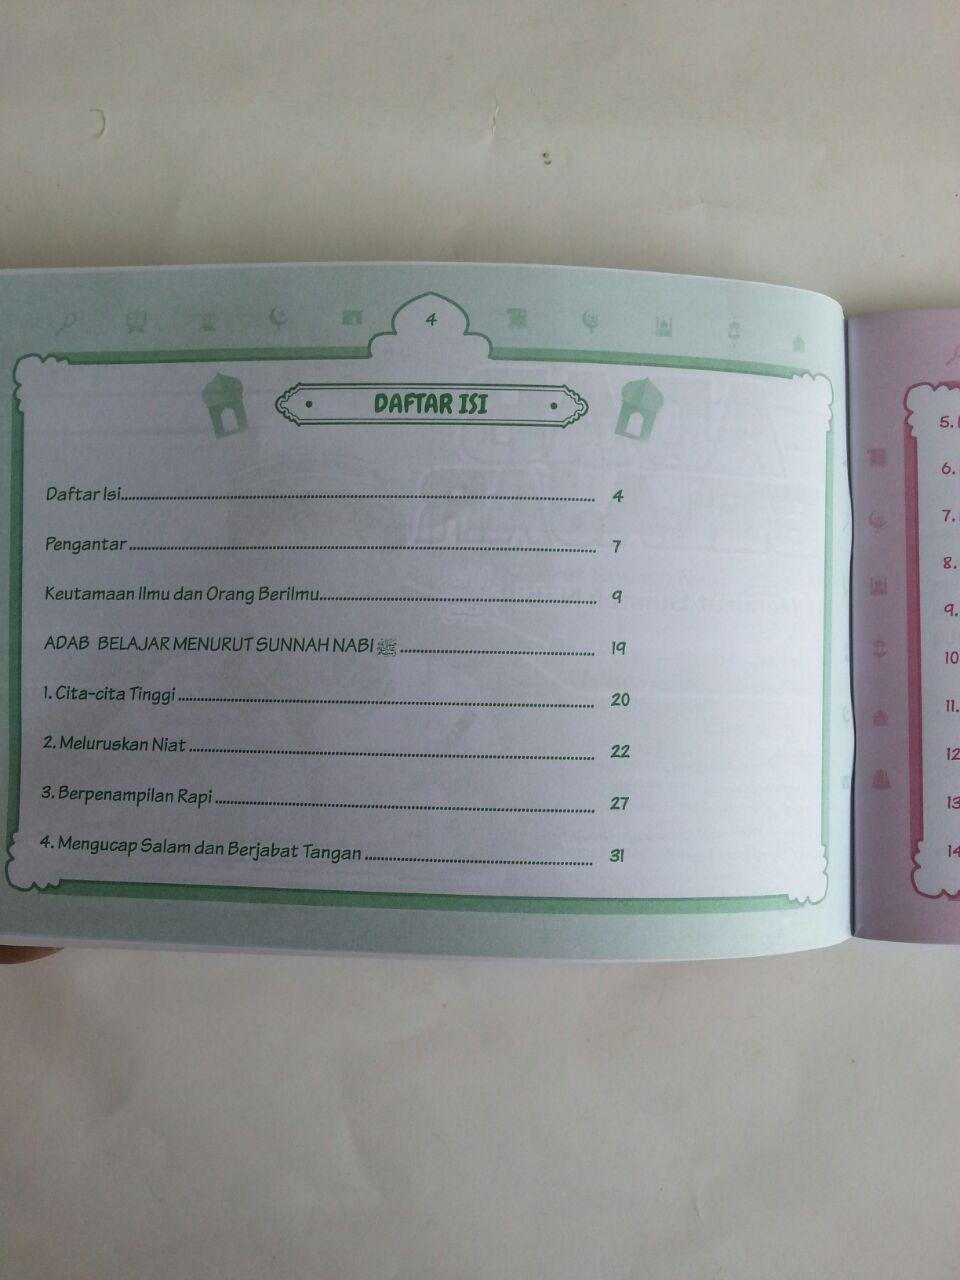 Buku Anak Adab Belajar Menurut Sunnah Nabi isi